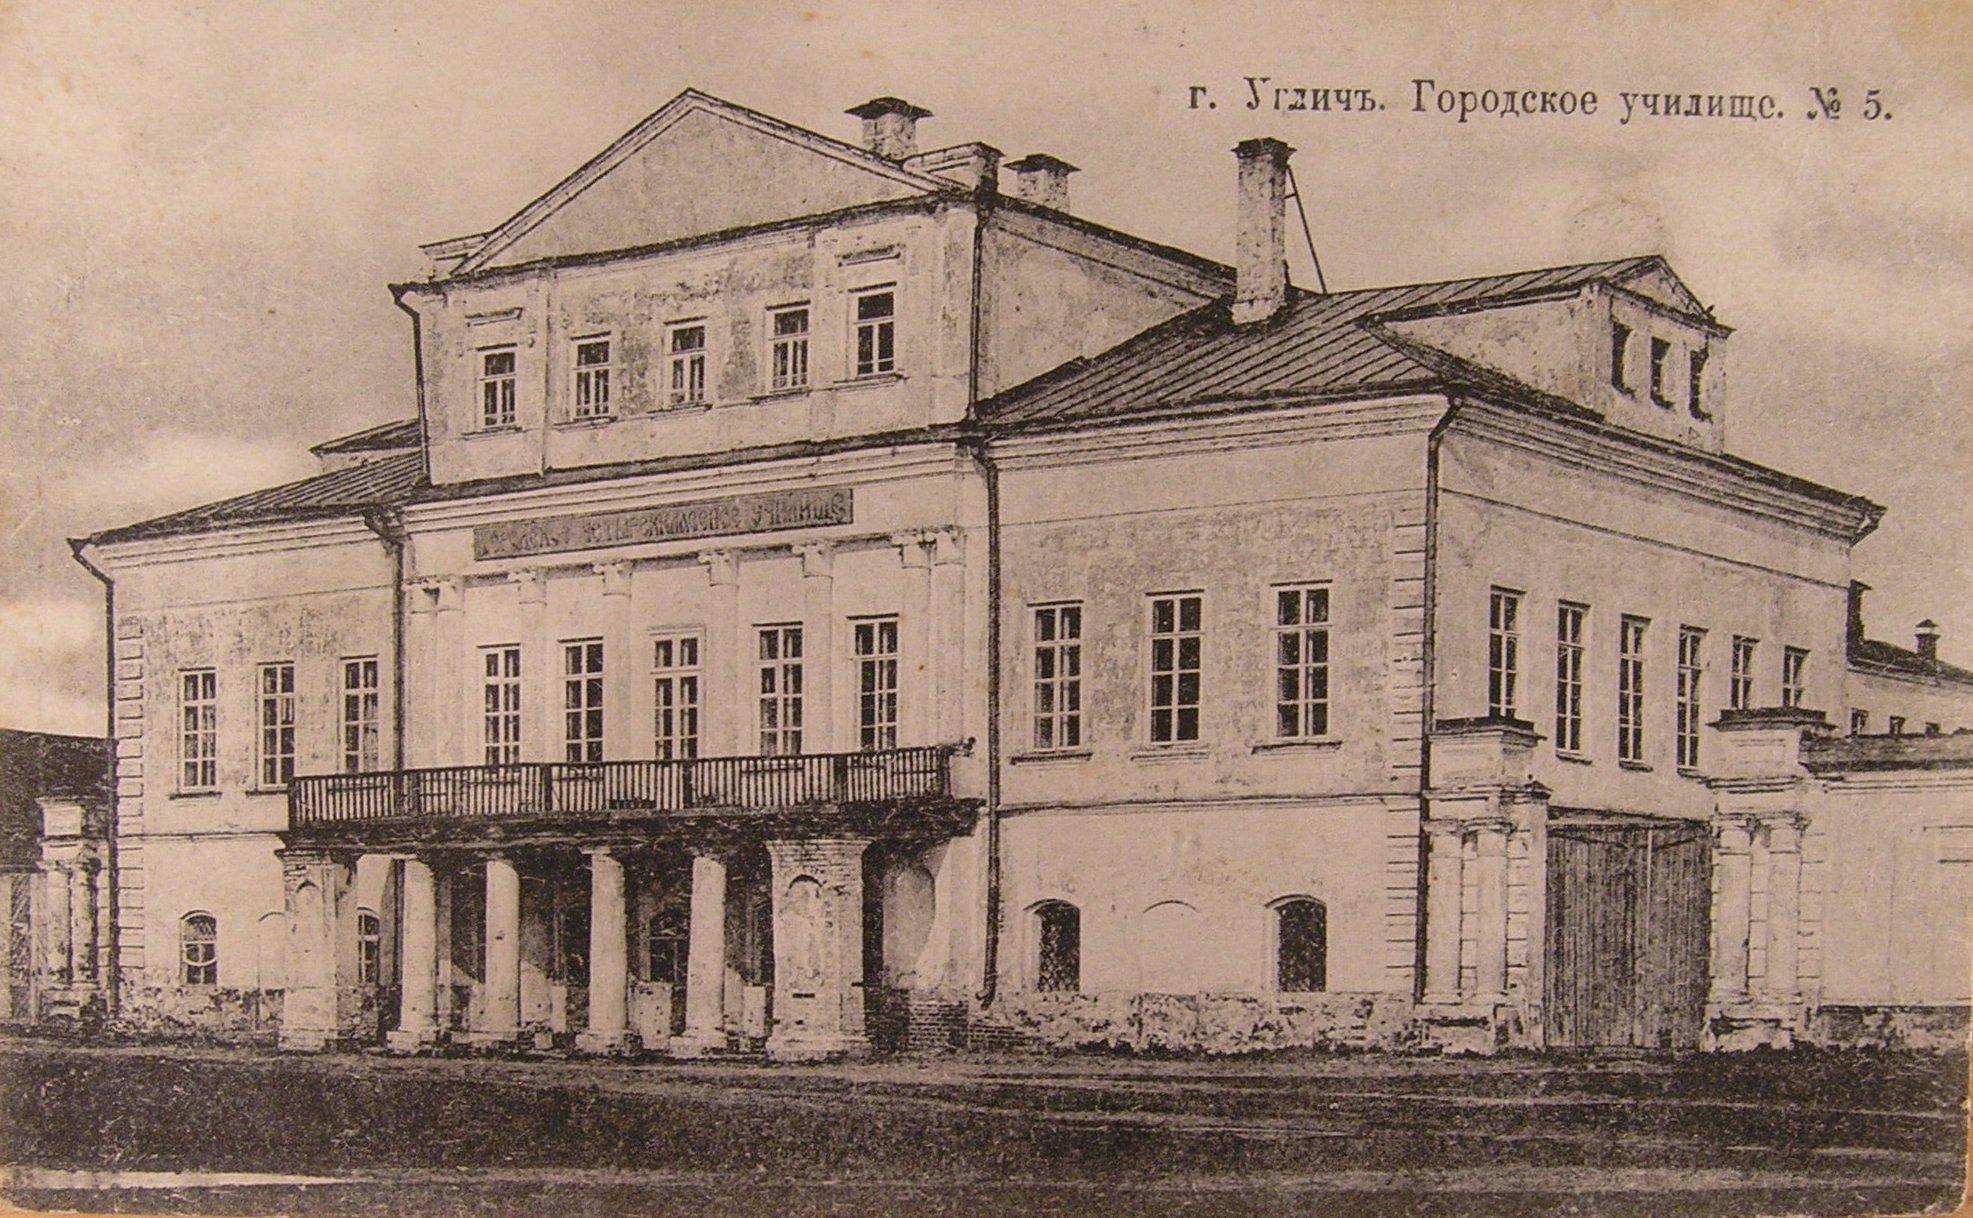 В Ярославской области провели противоаварийные работы на главном доме усадьбы Зимин двор